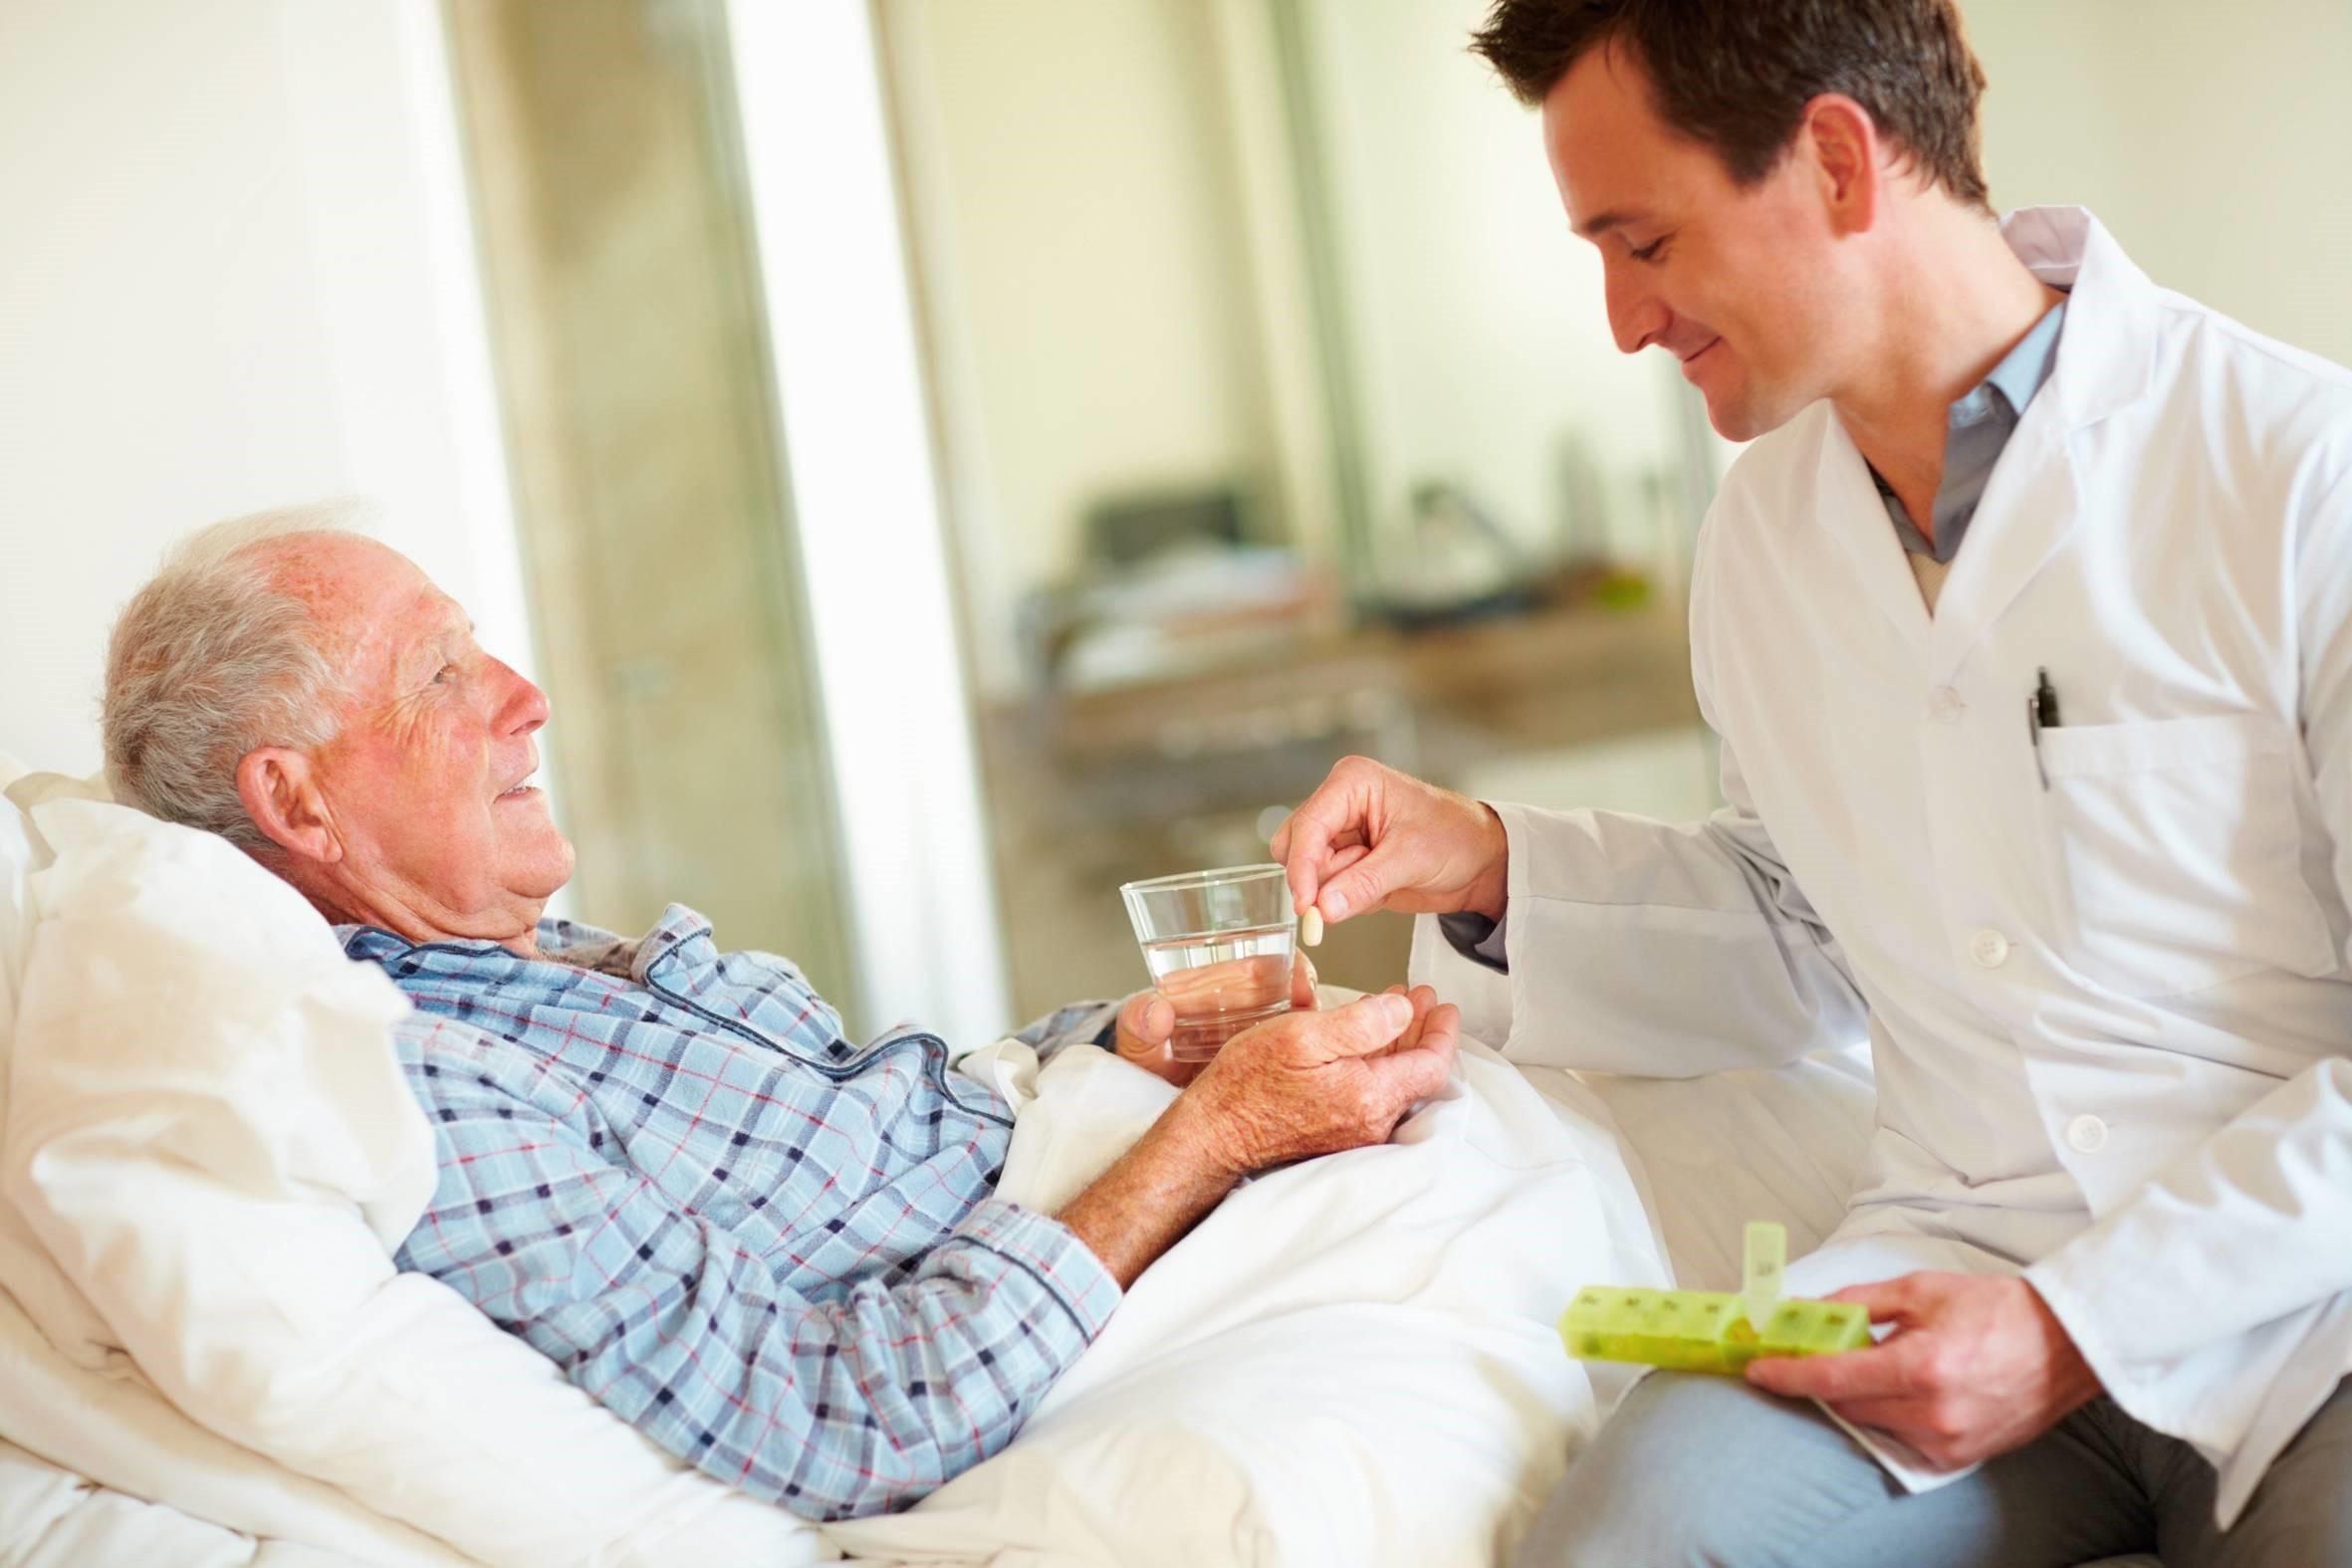 در چه مواردی می توان ویزیت پزشک عمومی در منزل انجام داد؟